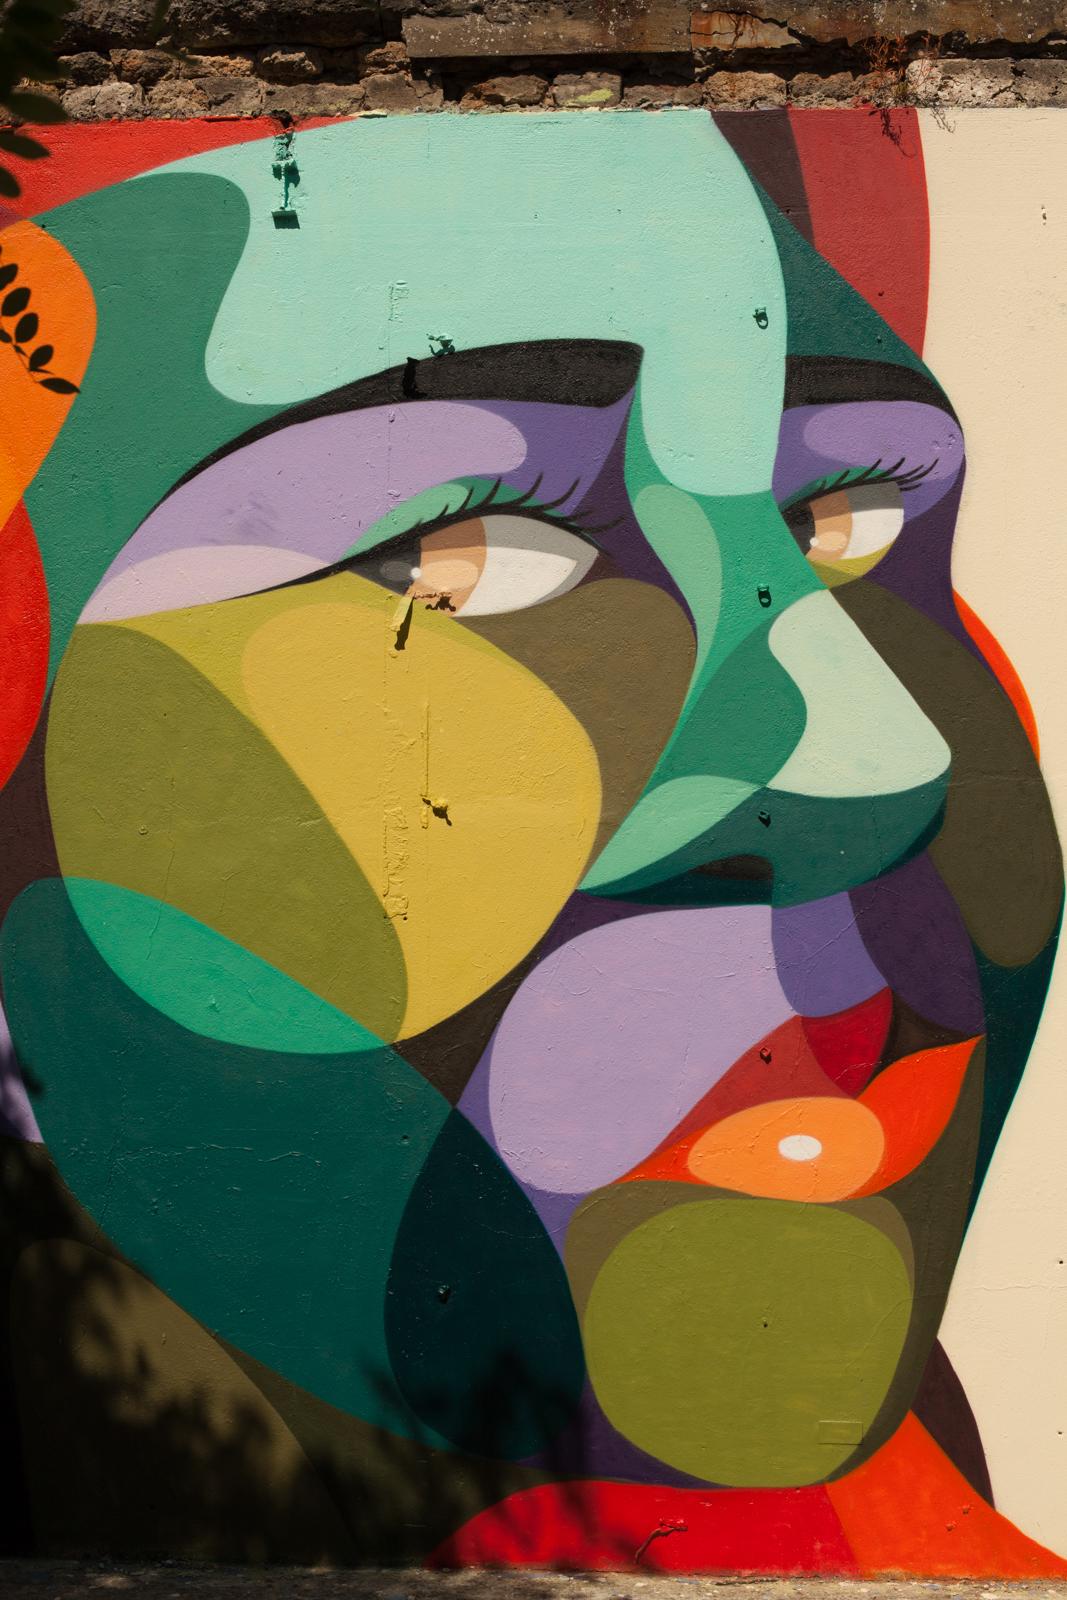 alber, alber street art, bordeaux, bordeaux city guide, borderaux tourisme, week-end bordeaux, blog bordeaux, vacances bordeaux, que faire à bordeaux, darwin, alber